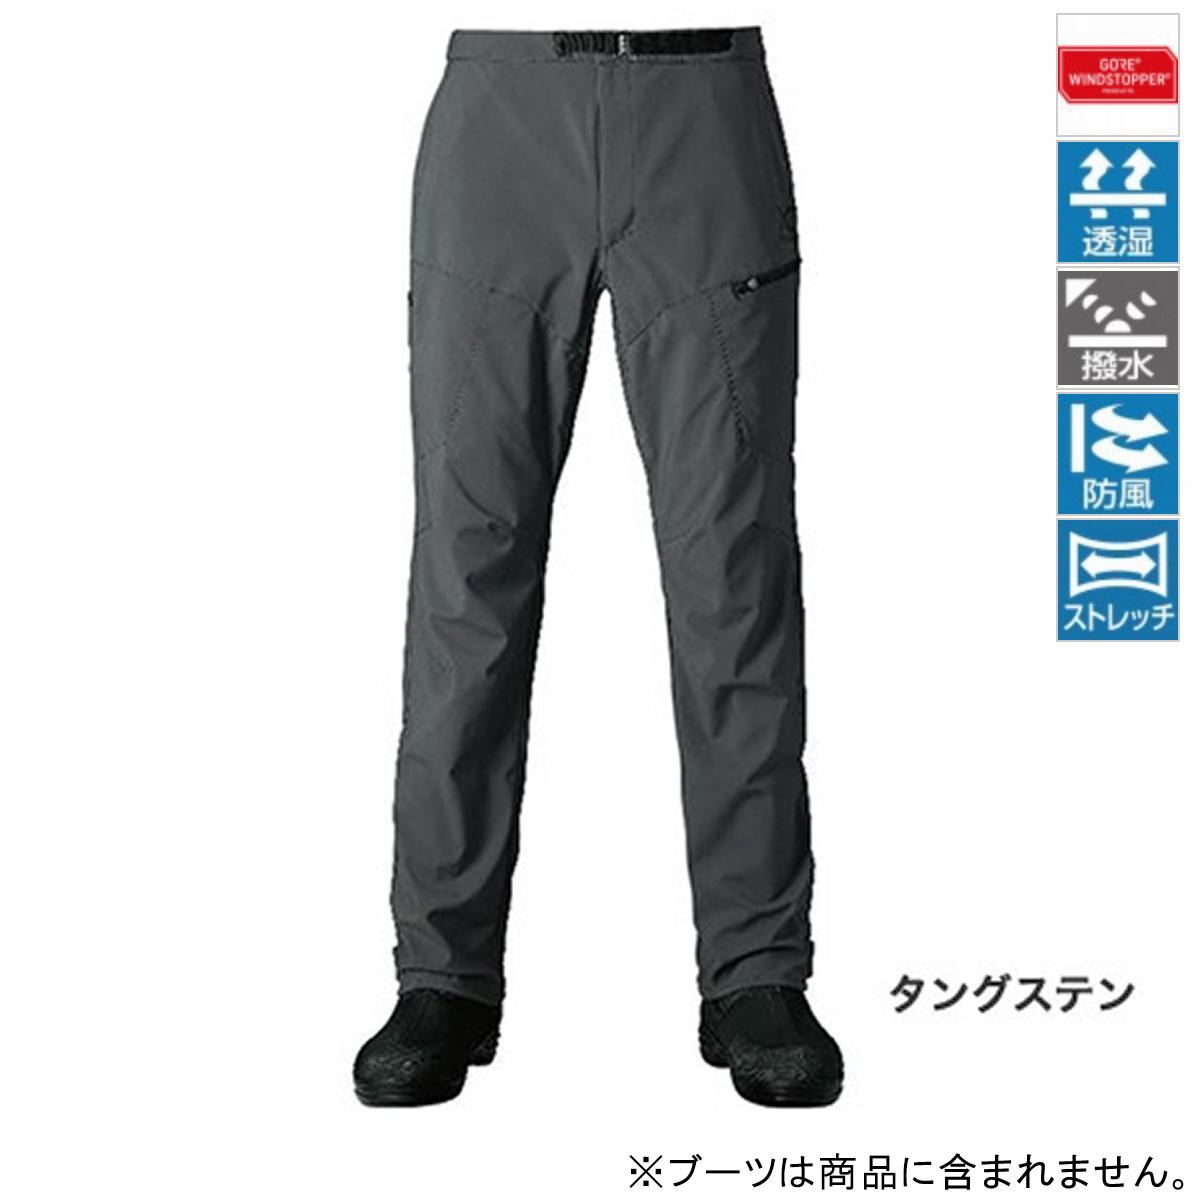 シマノ XEFO GORE WINDSTOPPER ボトム PA-241R L タングステン(東日本店)